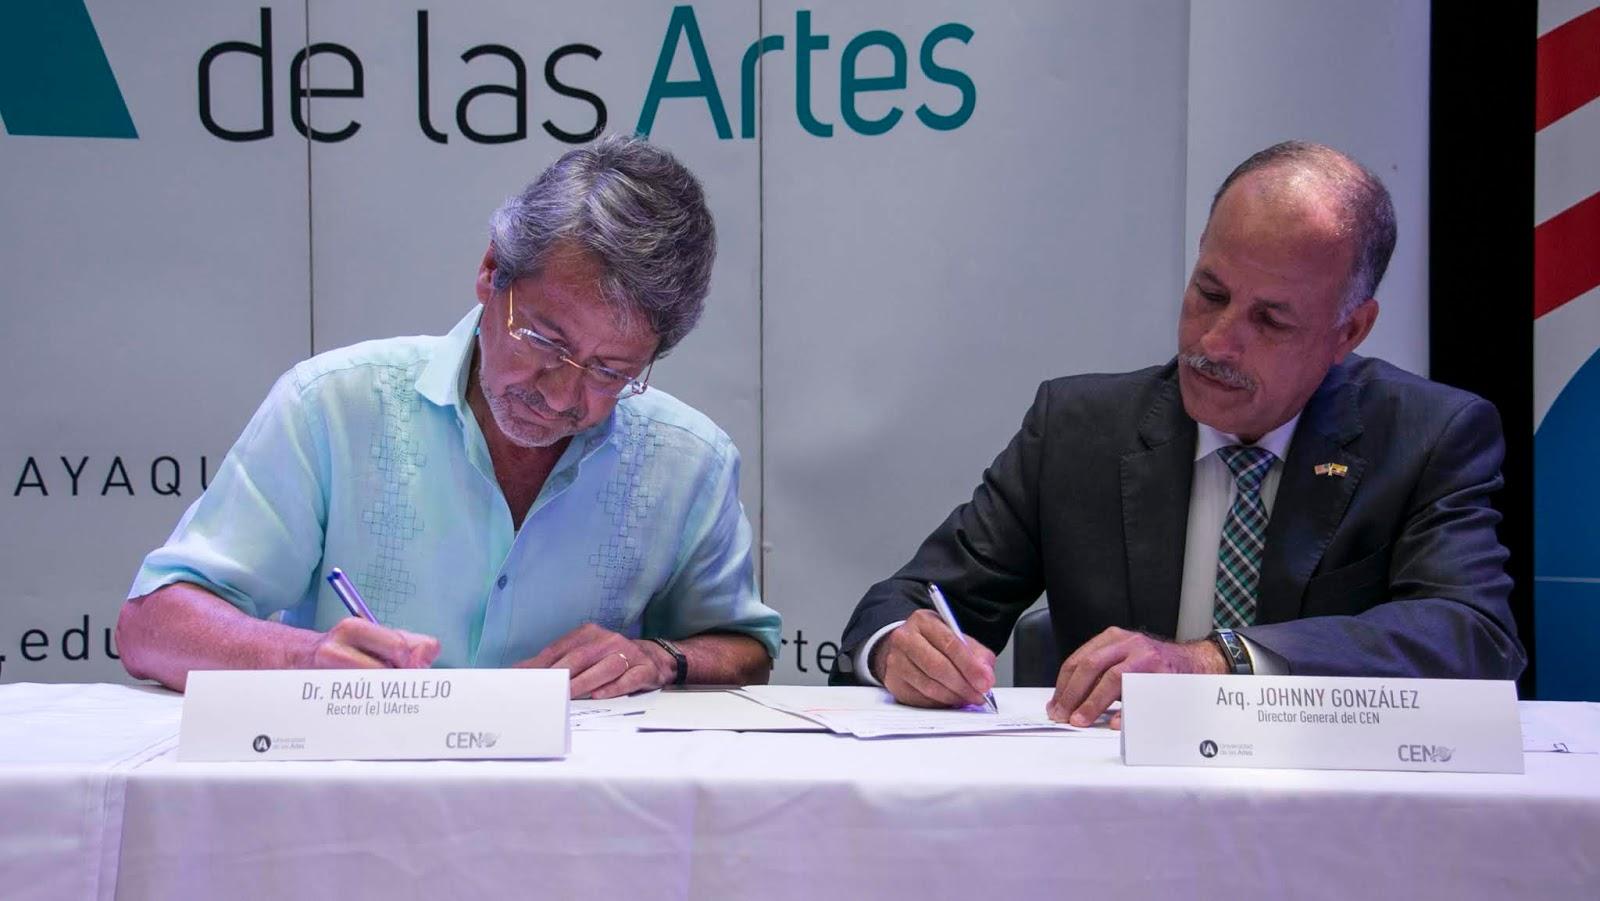 El CEN y la Universidad de las Artes firmaron convenio de cooperación interinstitucional